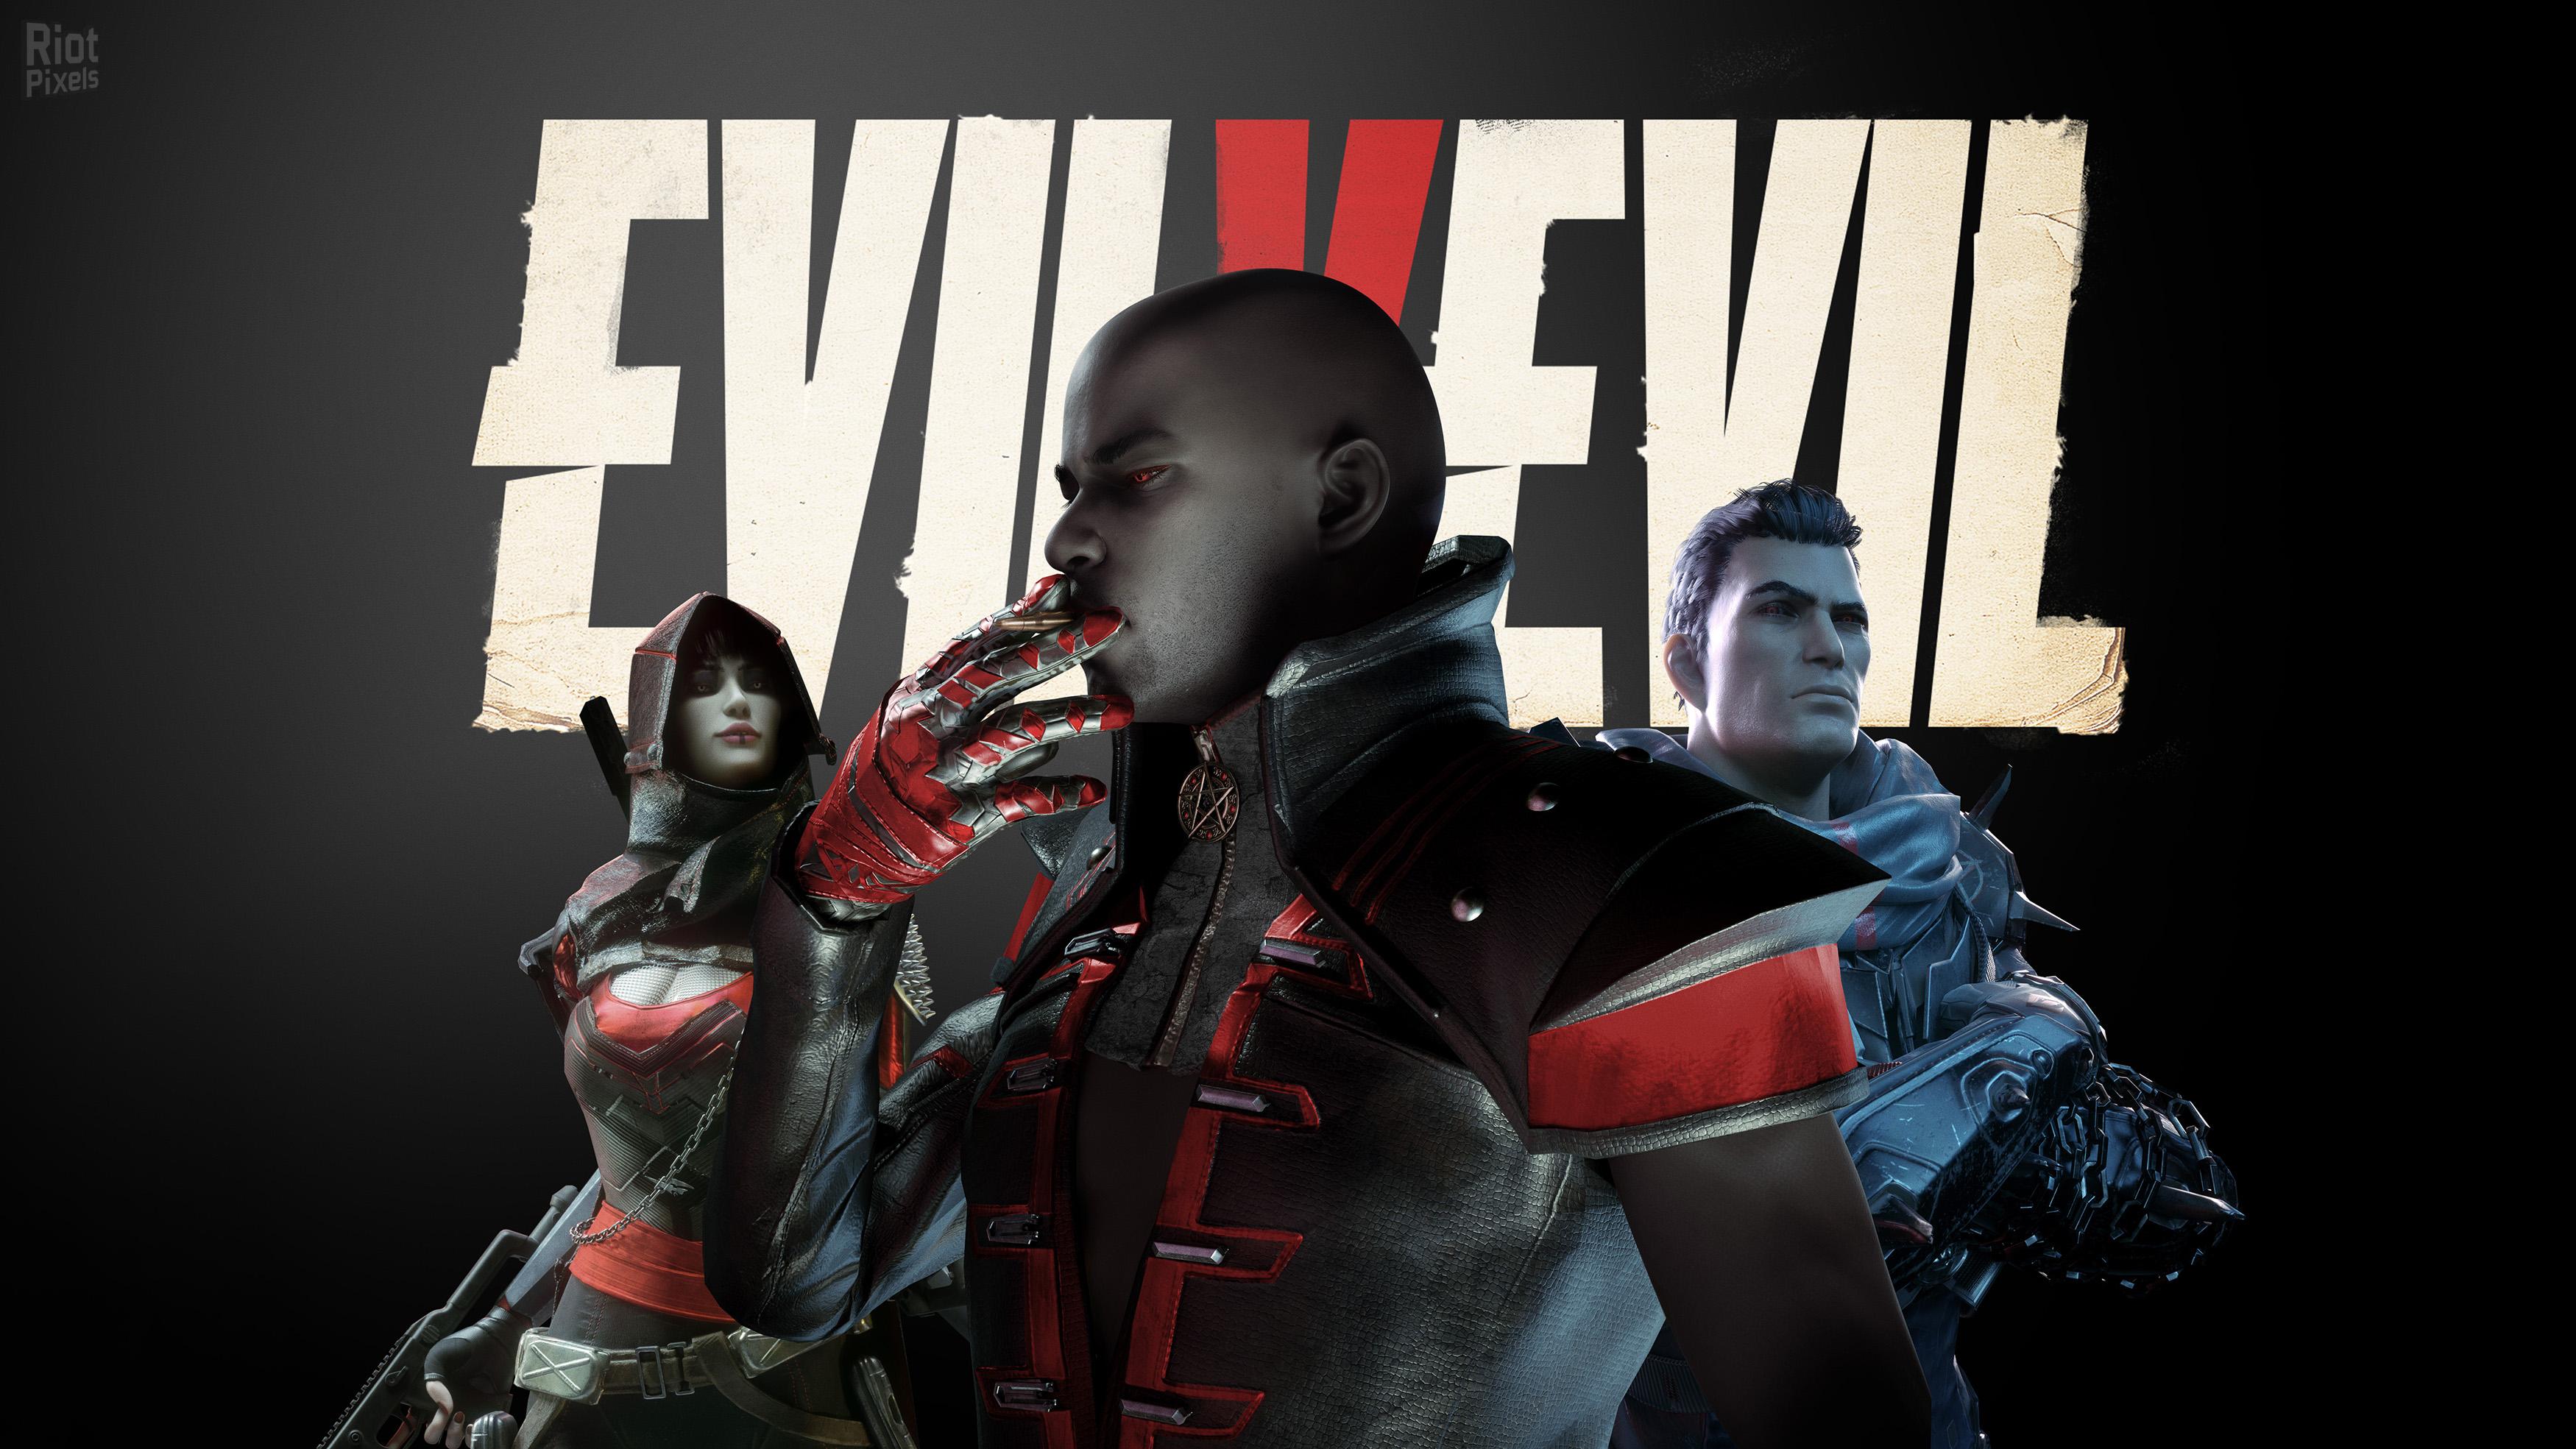 Постер EvilVEvil